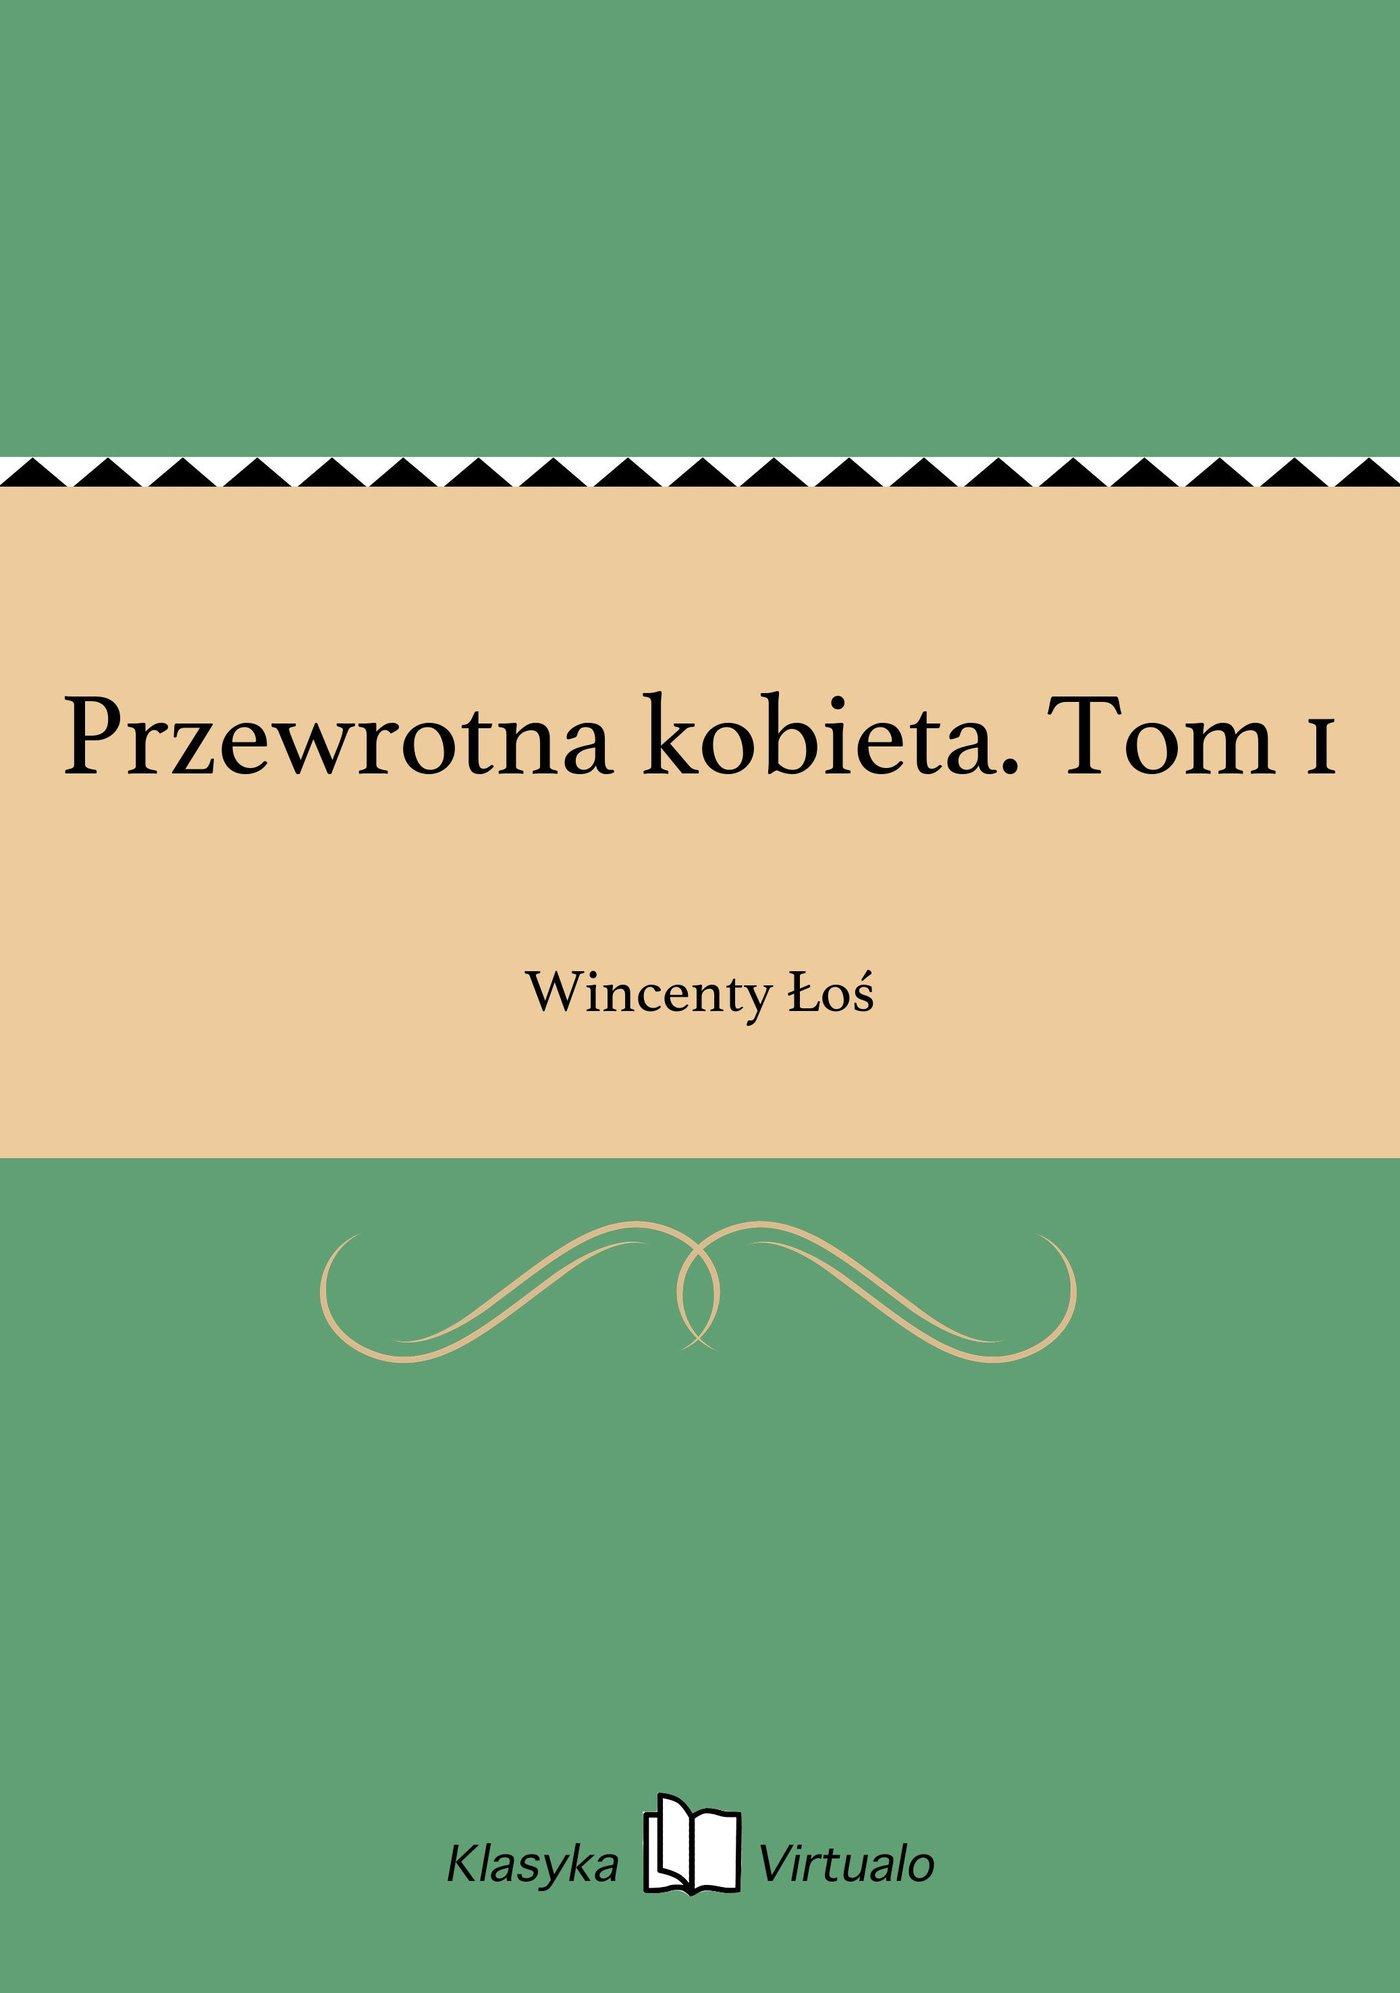 Przewrotna kobieta. Tom 1 - Ebook (Książka EPUB) do pobrania w formacie EPUB